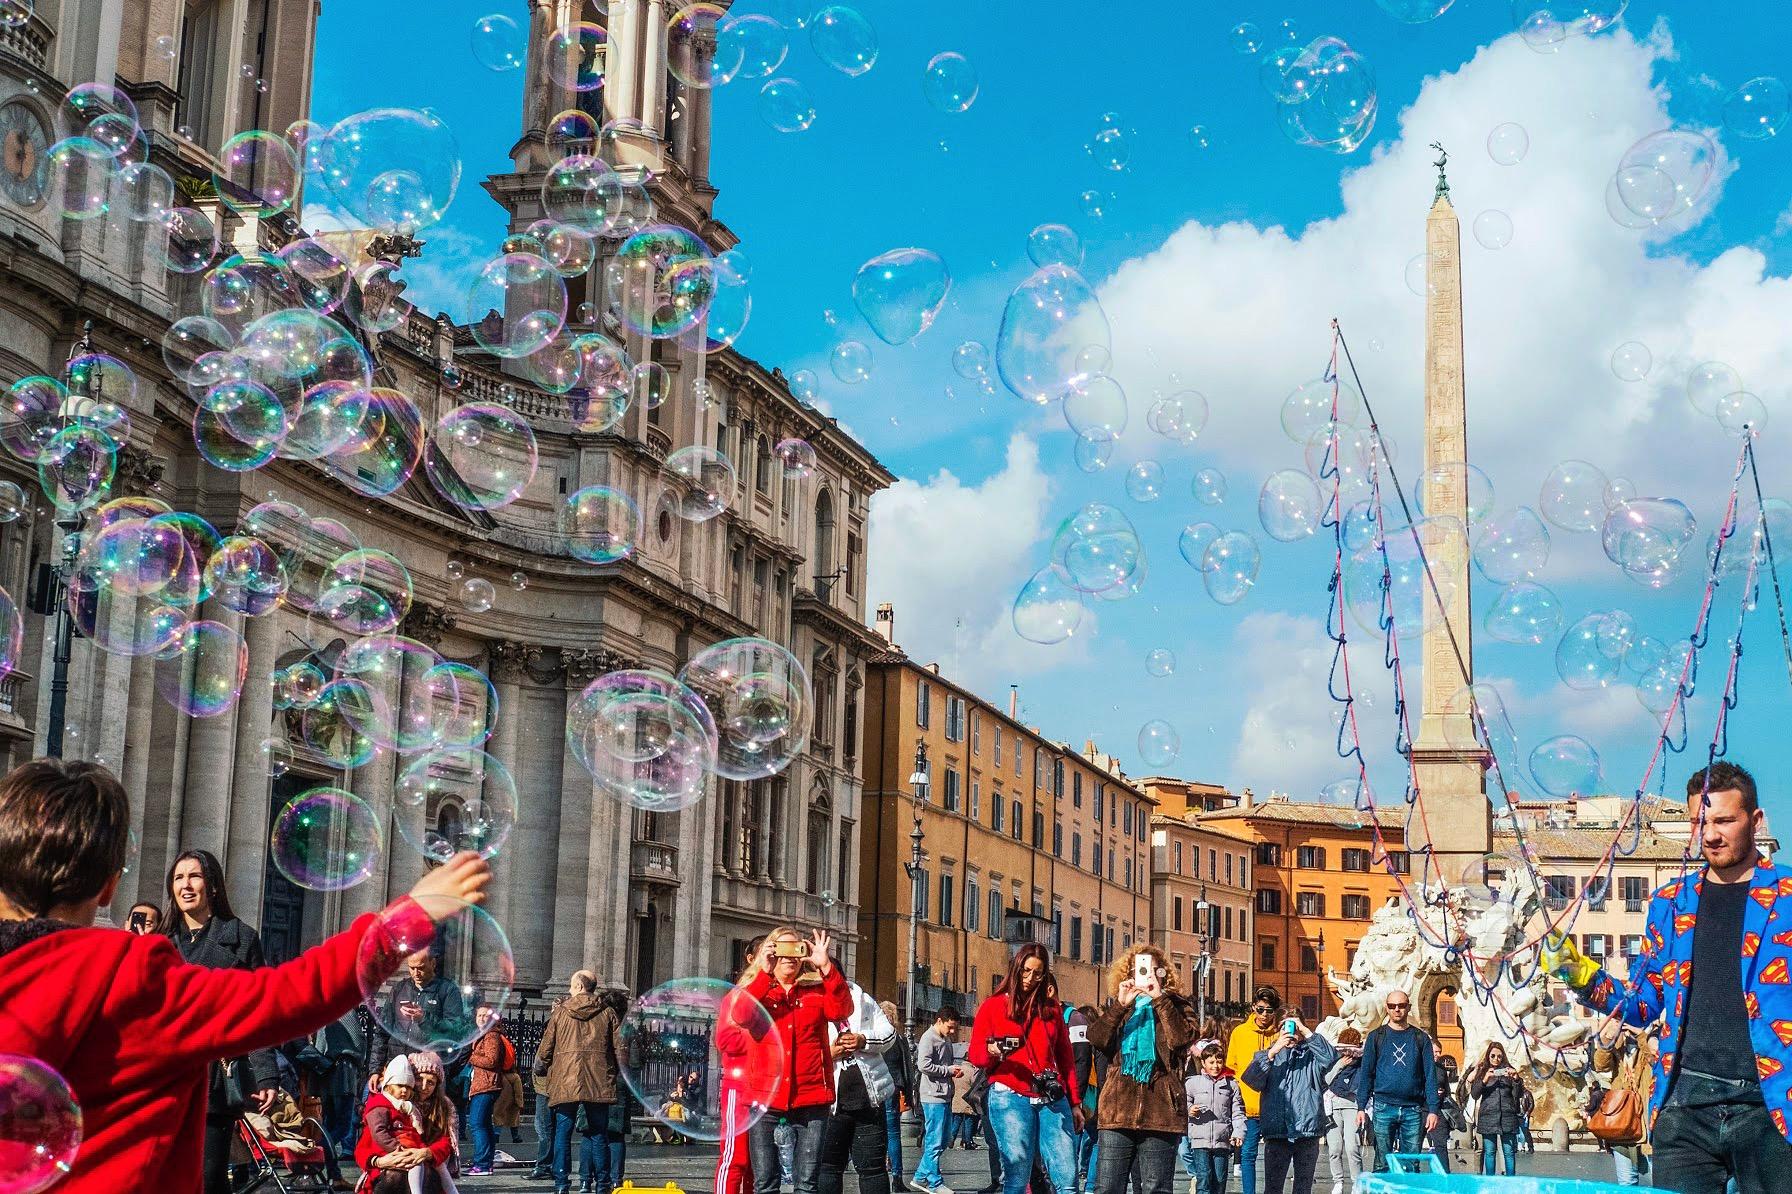 Bubbles Bubbles Bubbles...